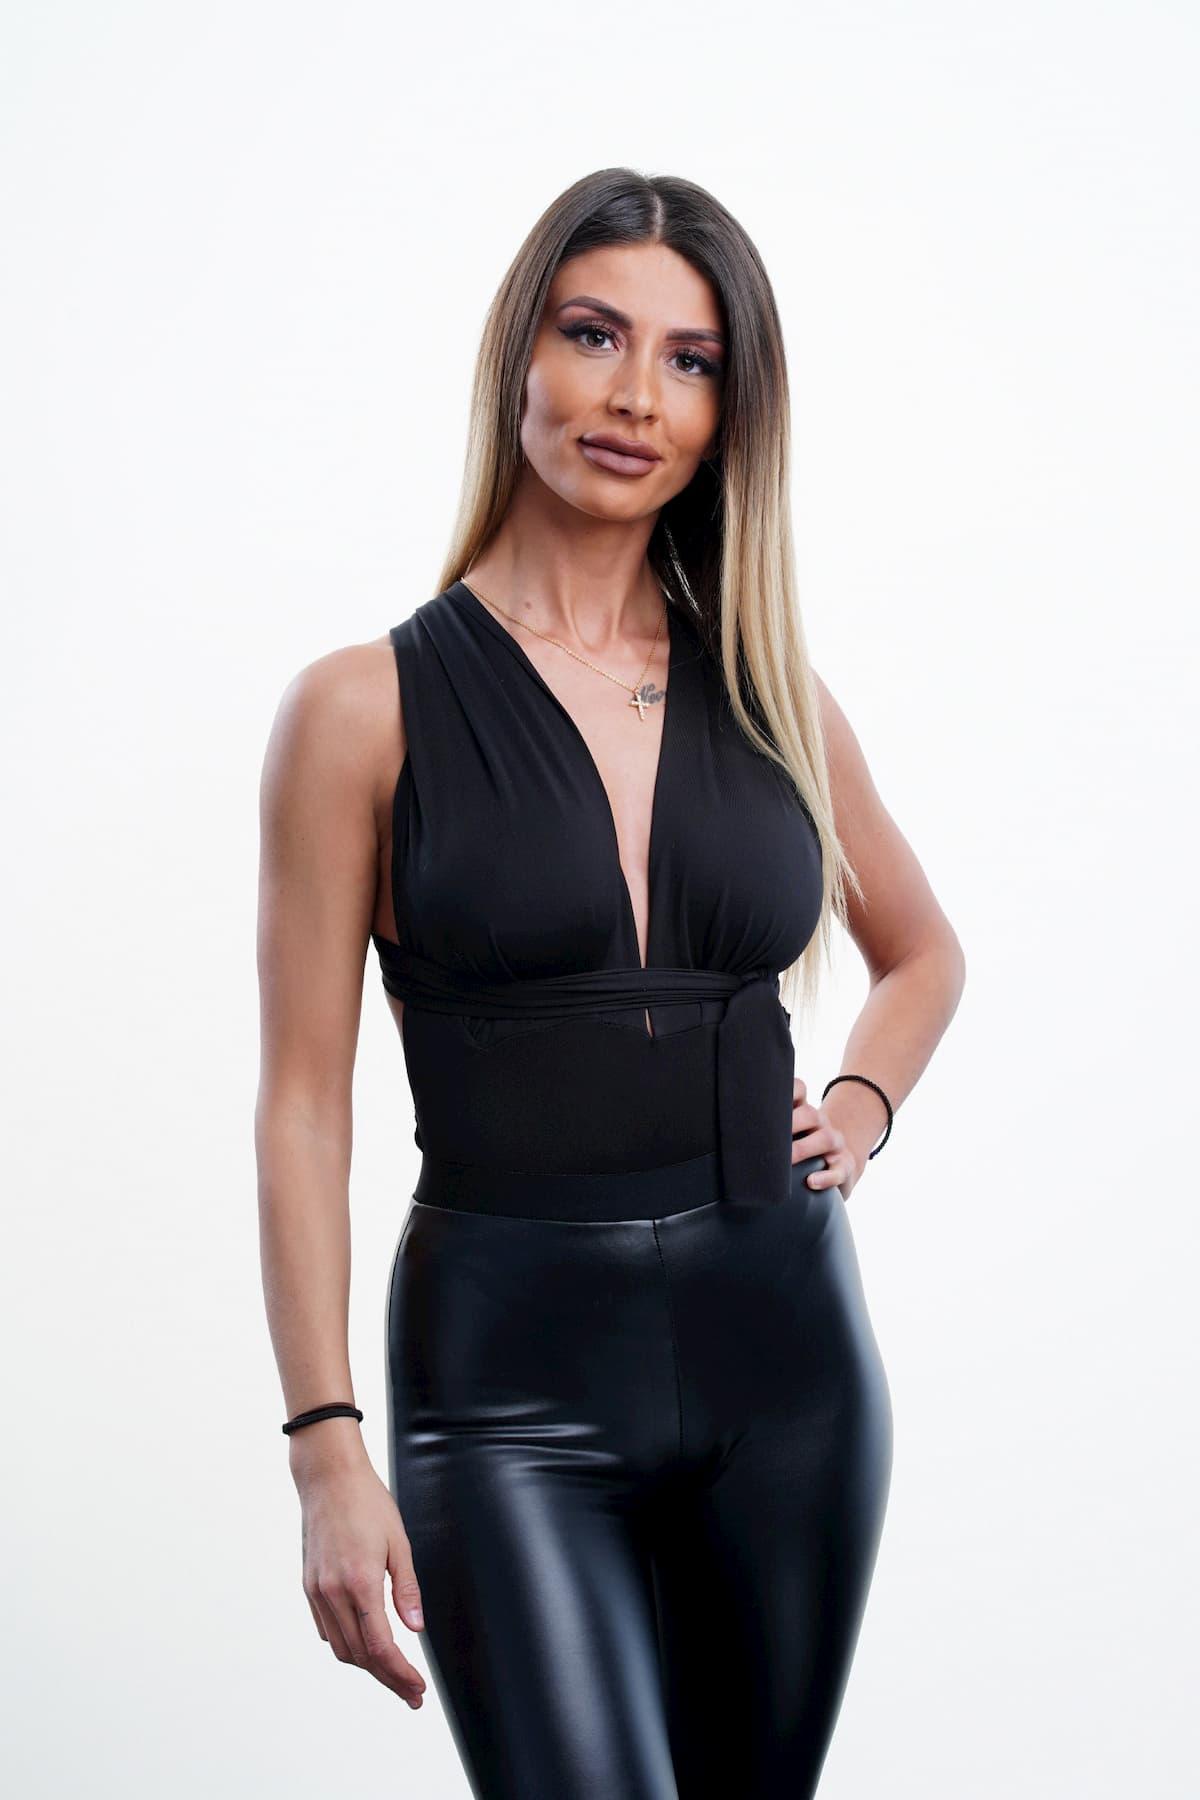 Christina Dimitriou als Kandidatin der Dschungelshow 2021